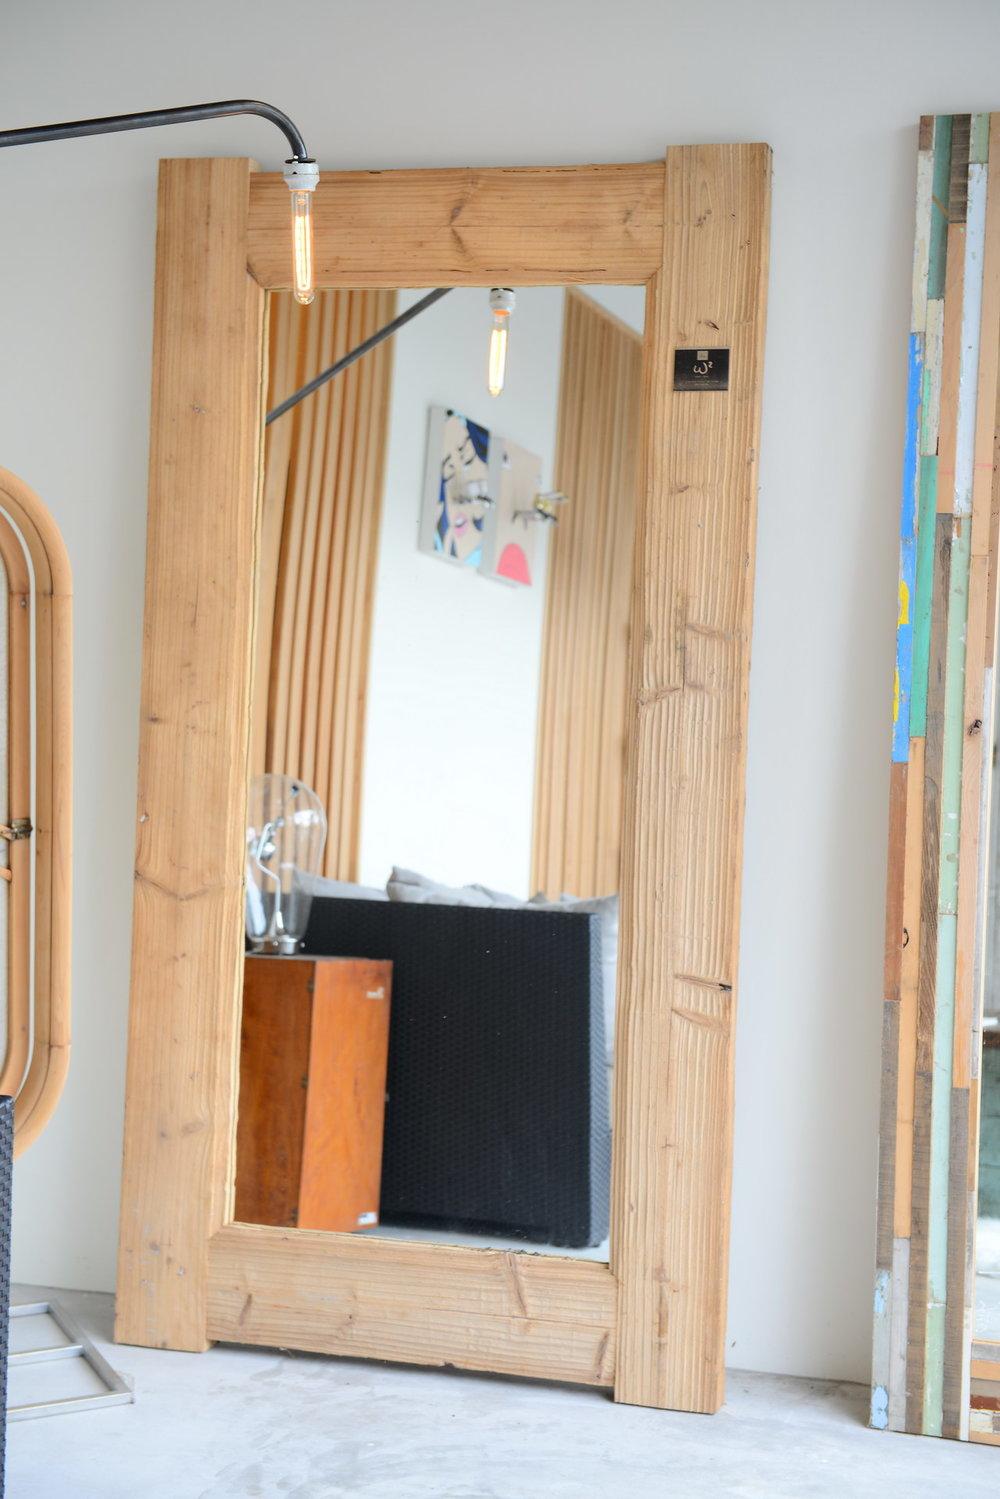 MI01 Bristol fir mirror 台灣杉木  size 200*104 NT 23,000 (未稅)已售出/已停產